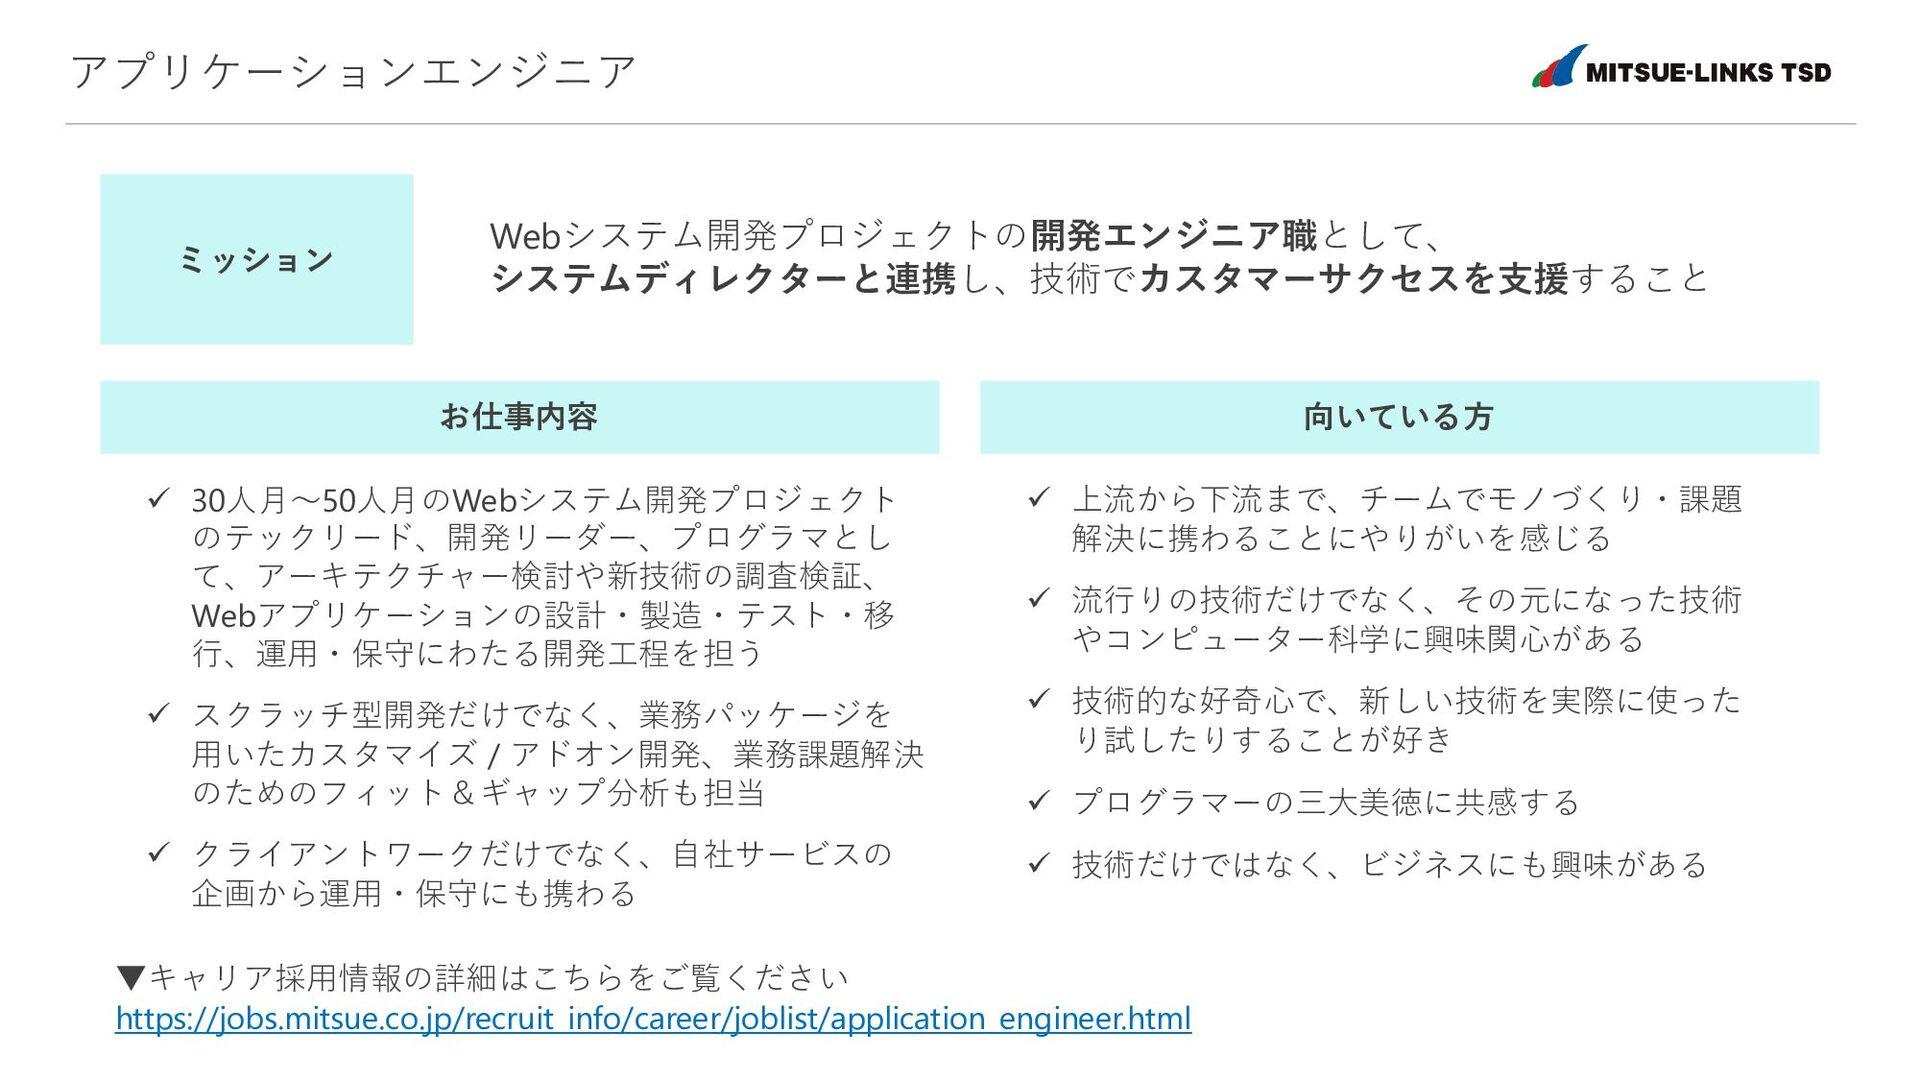 アプリケーションエンジニア ミッション お仕事内容 向いている方 Webシステム開発プロジェク...